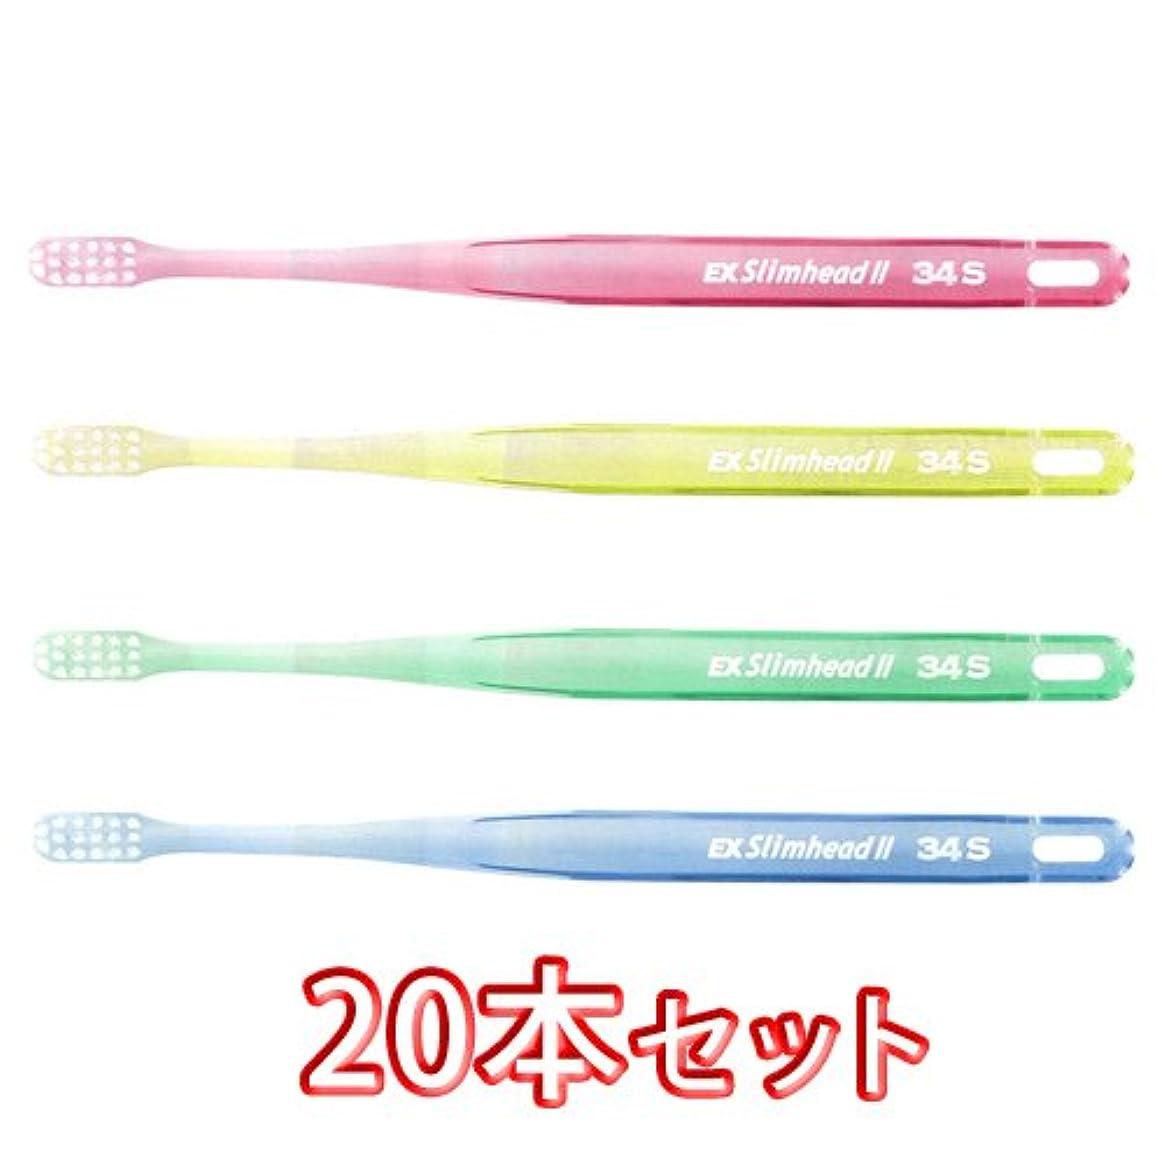 再び廃棄するスカウトライオン スリムヘッド2 歯ブラシ DENT . EX Slimhead2 20本入 (34S)